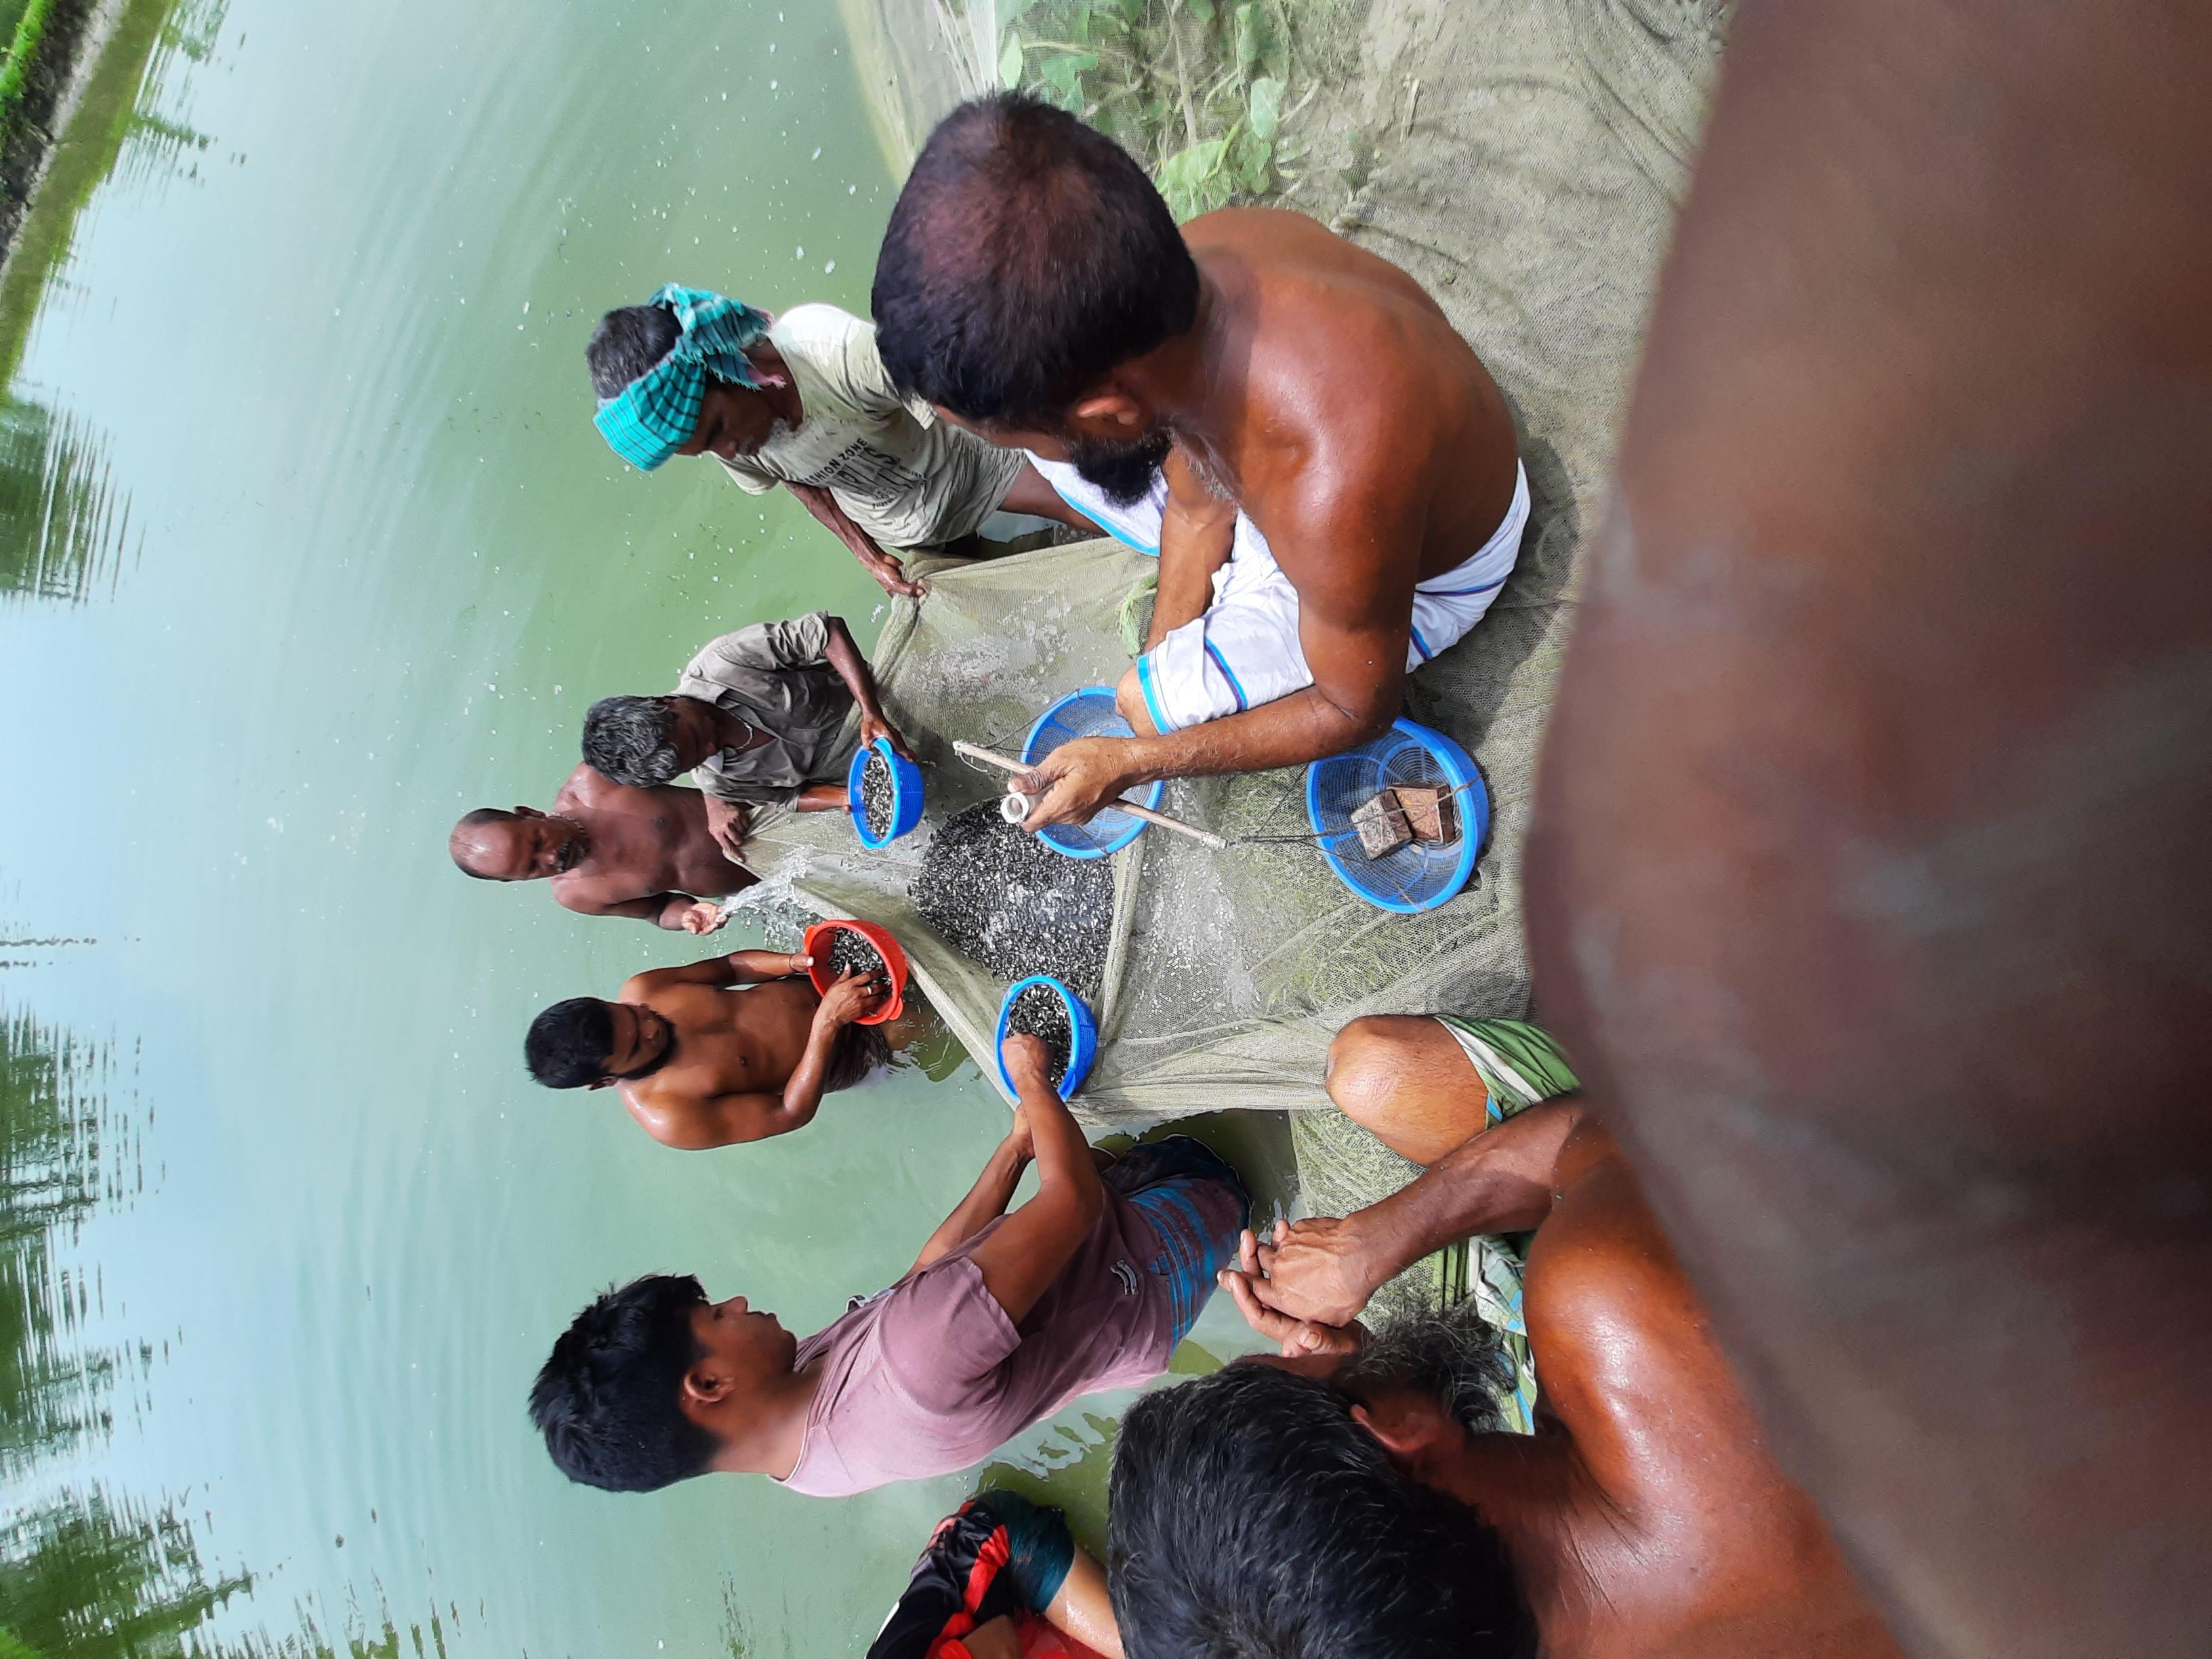 পাবদা গুলশা শিং মাগুর সহ অন্যান্য মাছের পোনা ও মুল্য 2021 post thumbnail image